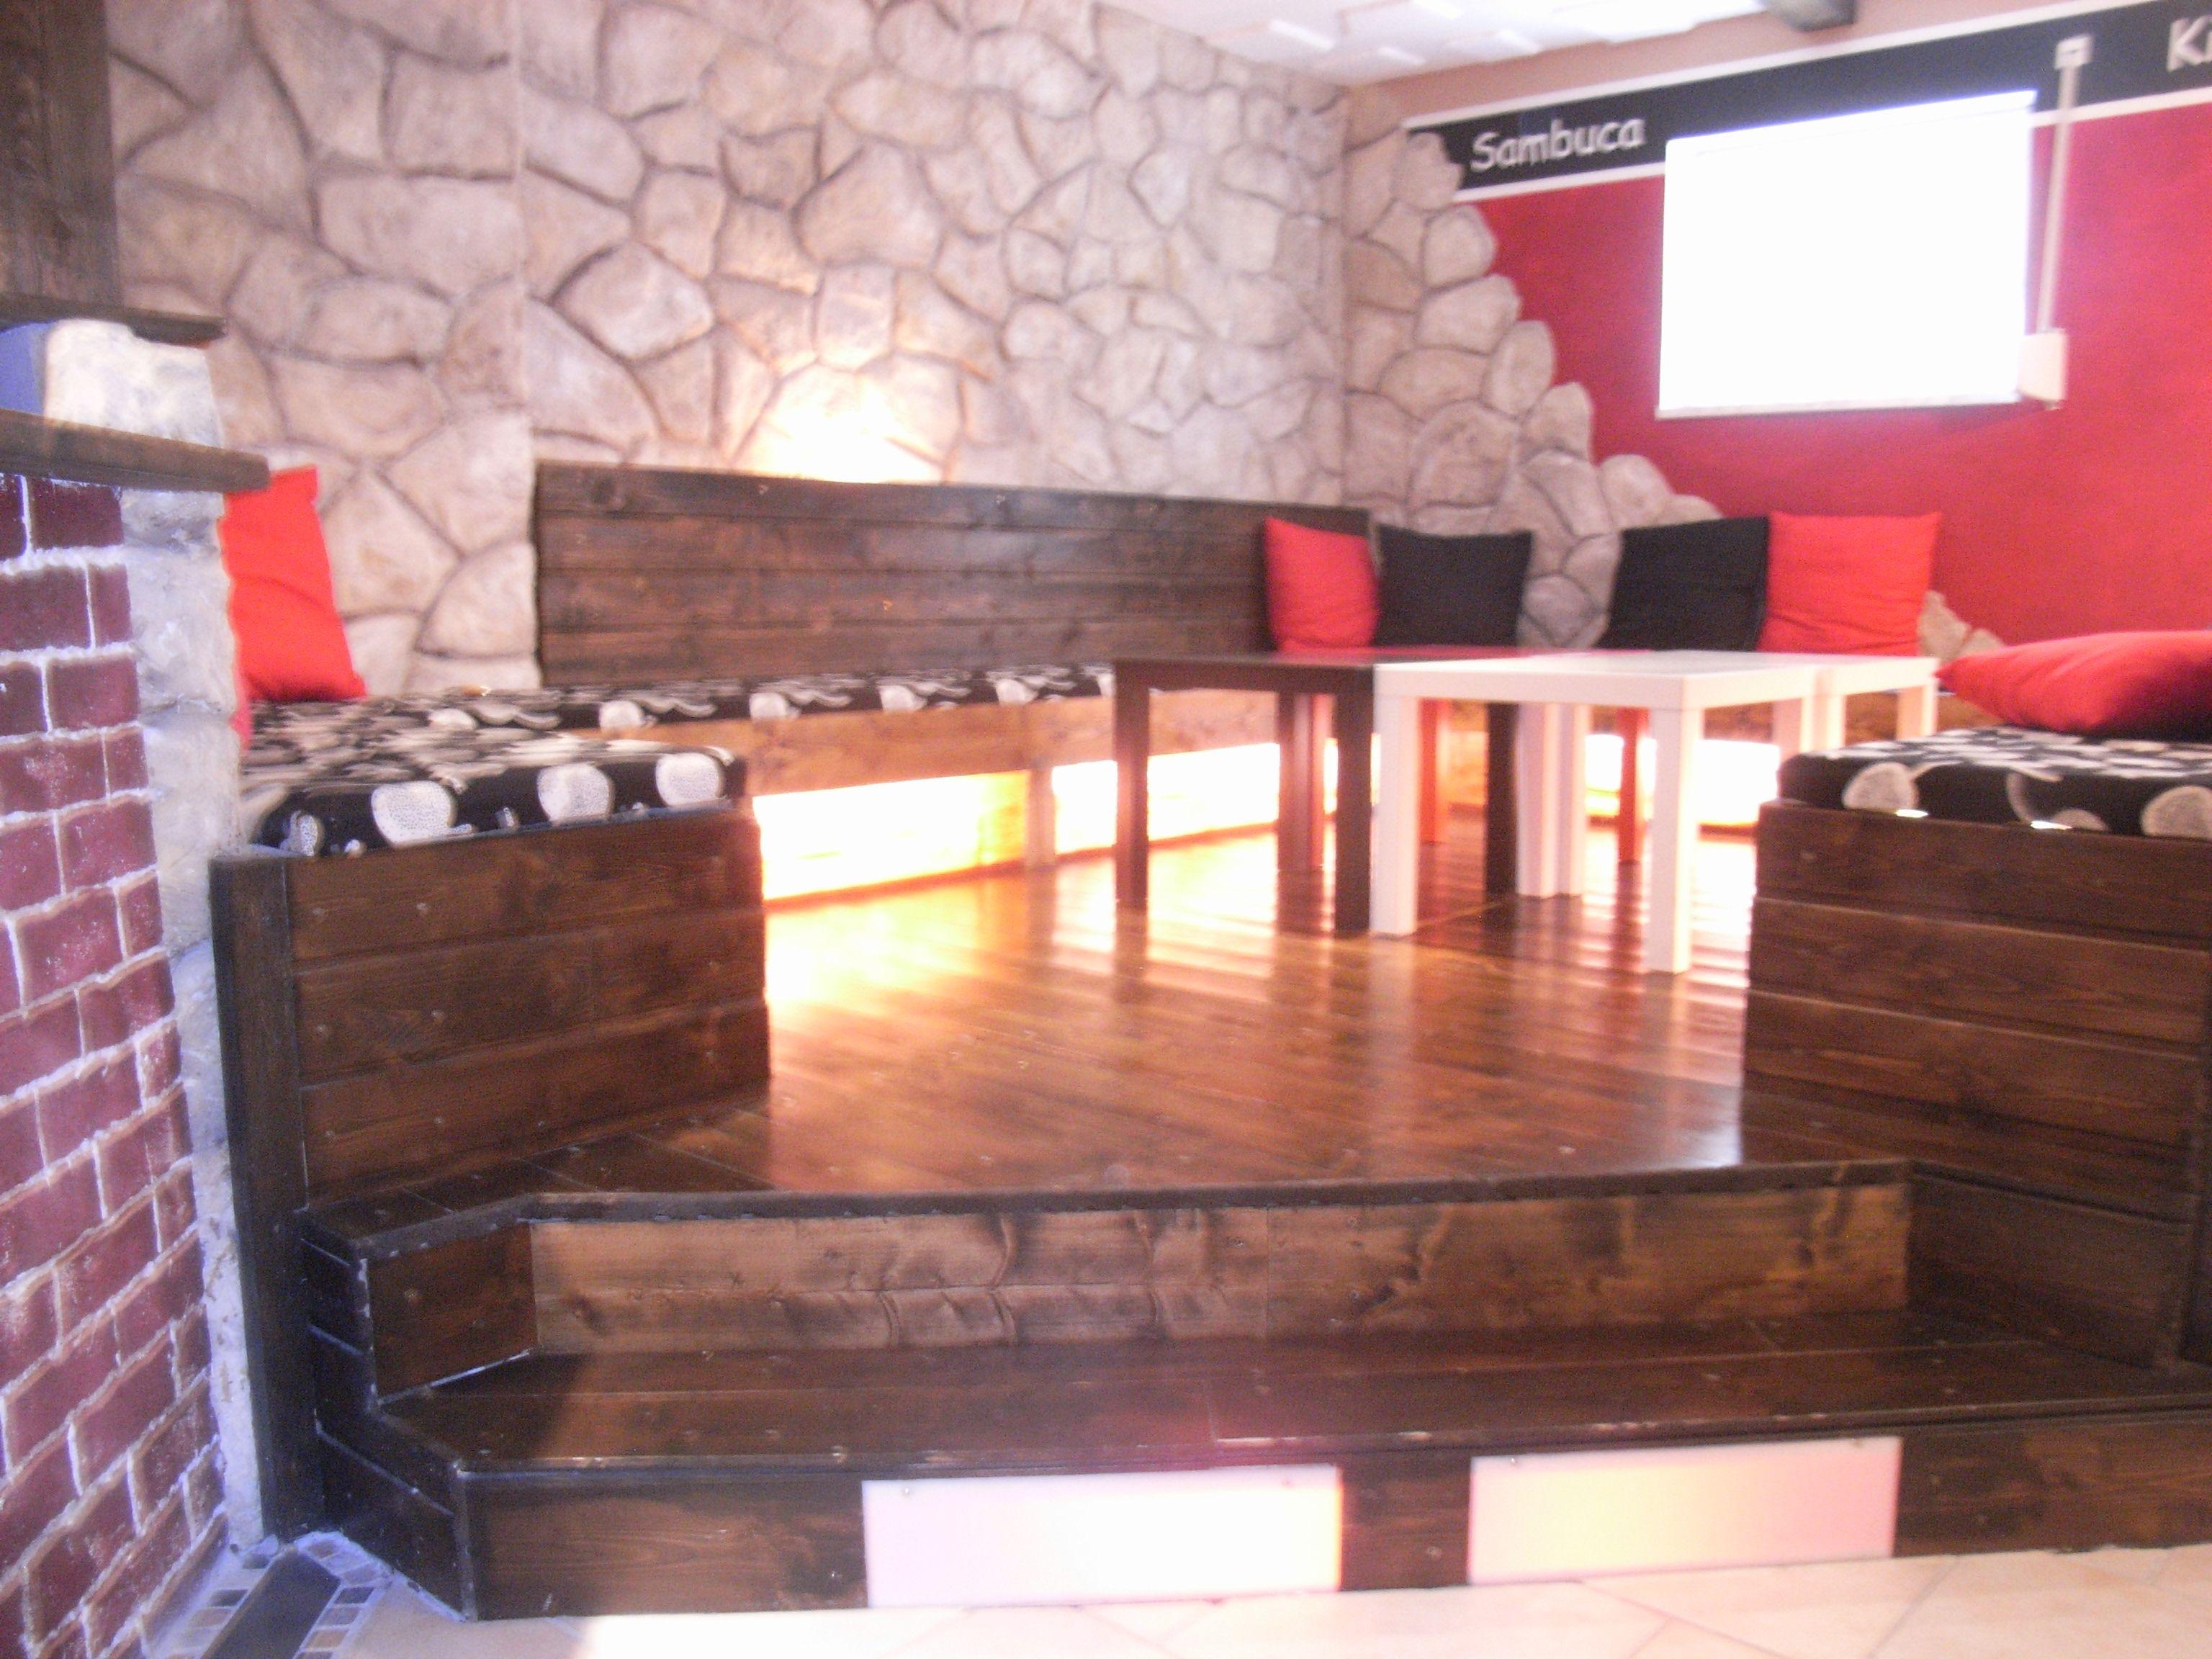 lounge selber gebaut grundger st besteht aus euro paletten im hintergrund steinwand aus. Black Bedroom Furniture Sets. Home Design Ideas